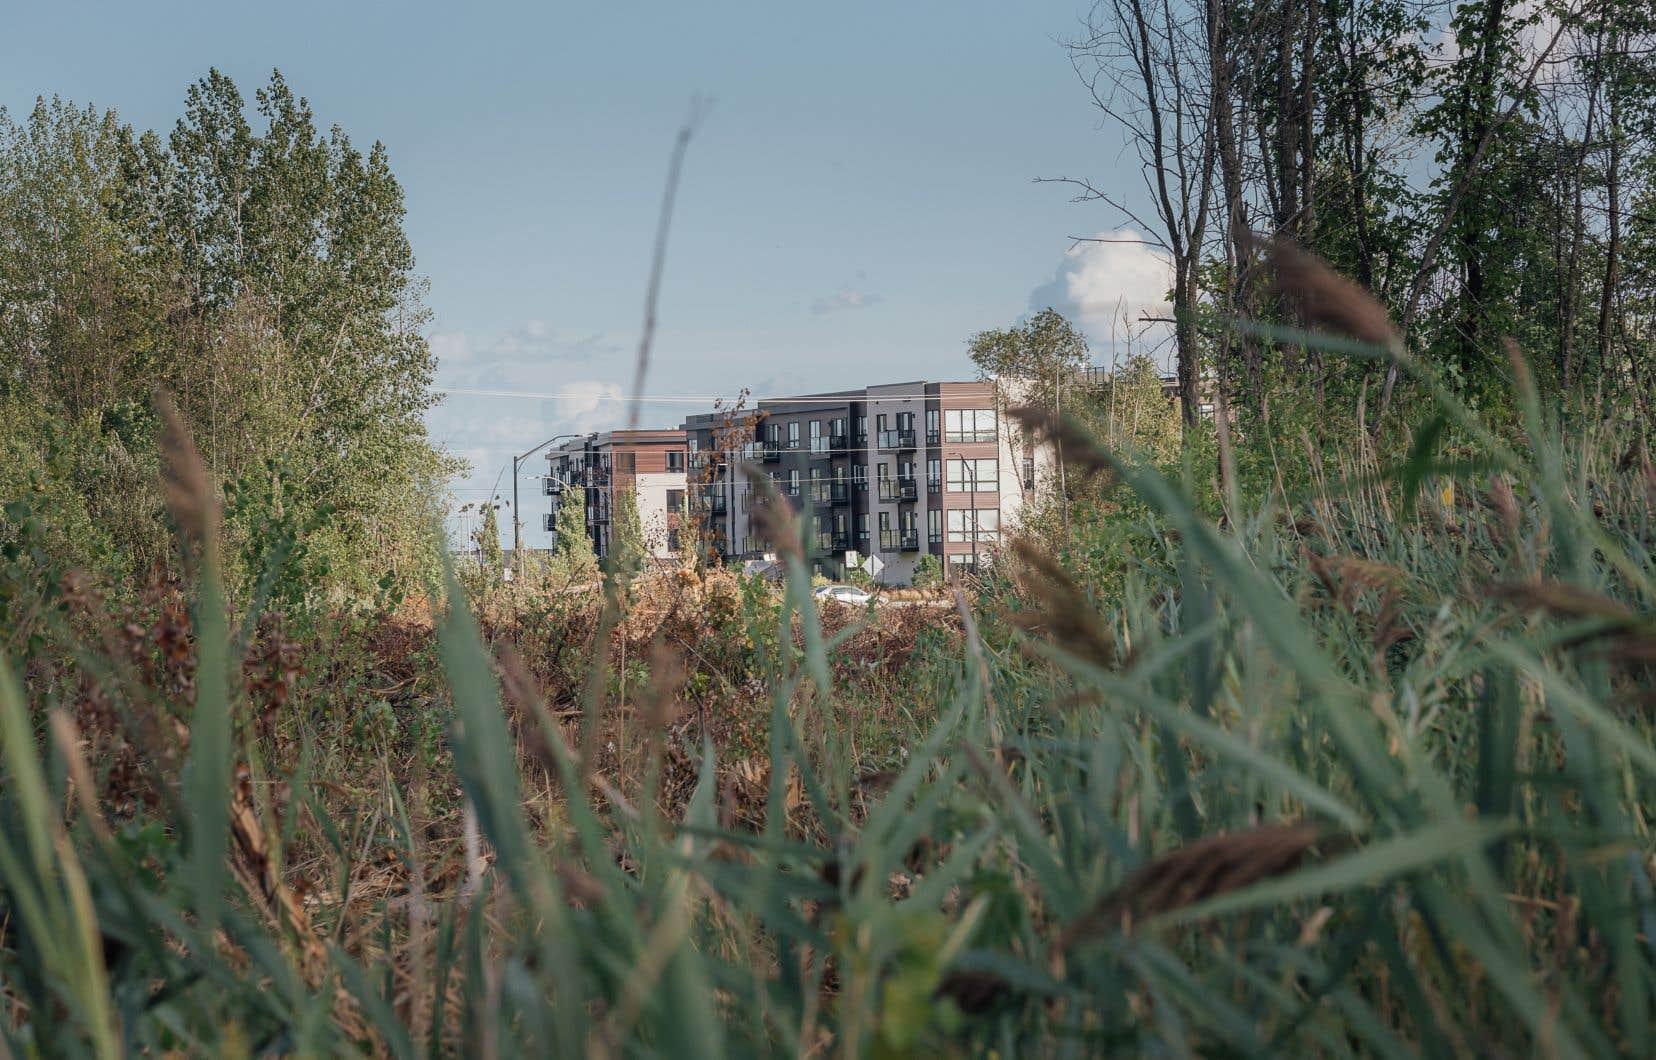 Le prolongement du boulevard Béliveau, à Longueuil, sera fait directement dans un secteur qui abrite une population de rainette faux-grillon, une espèce désignée comme «menacée» en vertu de la Loi sur les espèces en péril du Canada.